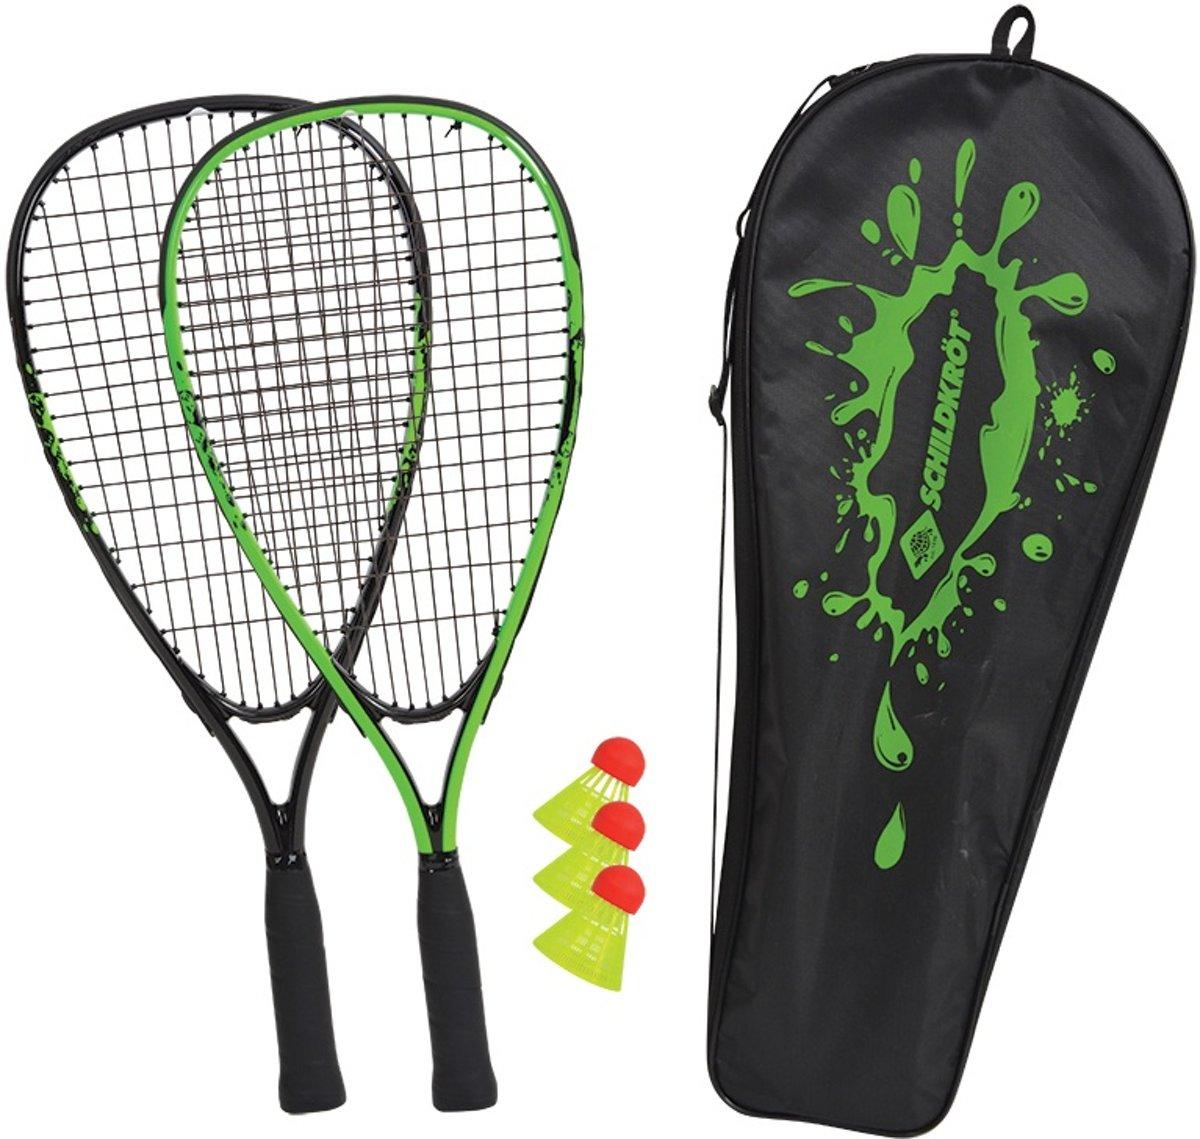 Schildkr?t Funsports Badmintonset 5-delig Zwart/groen